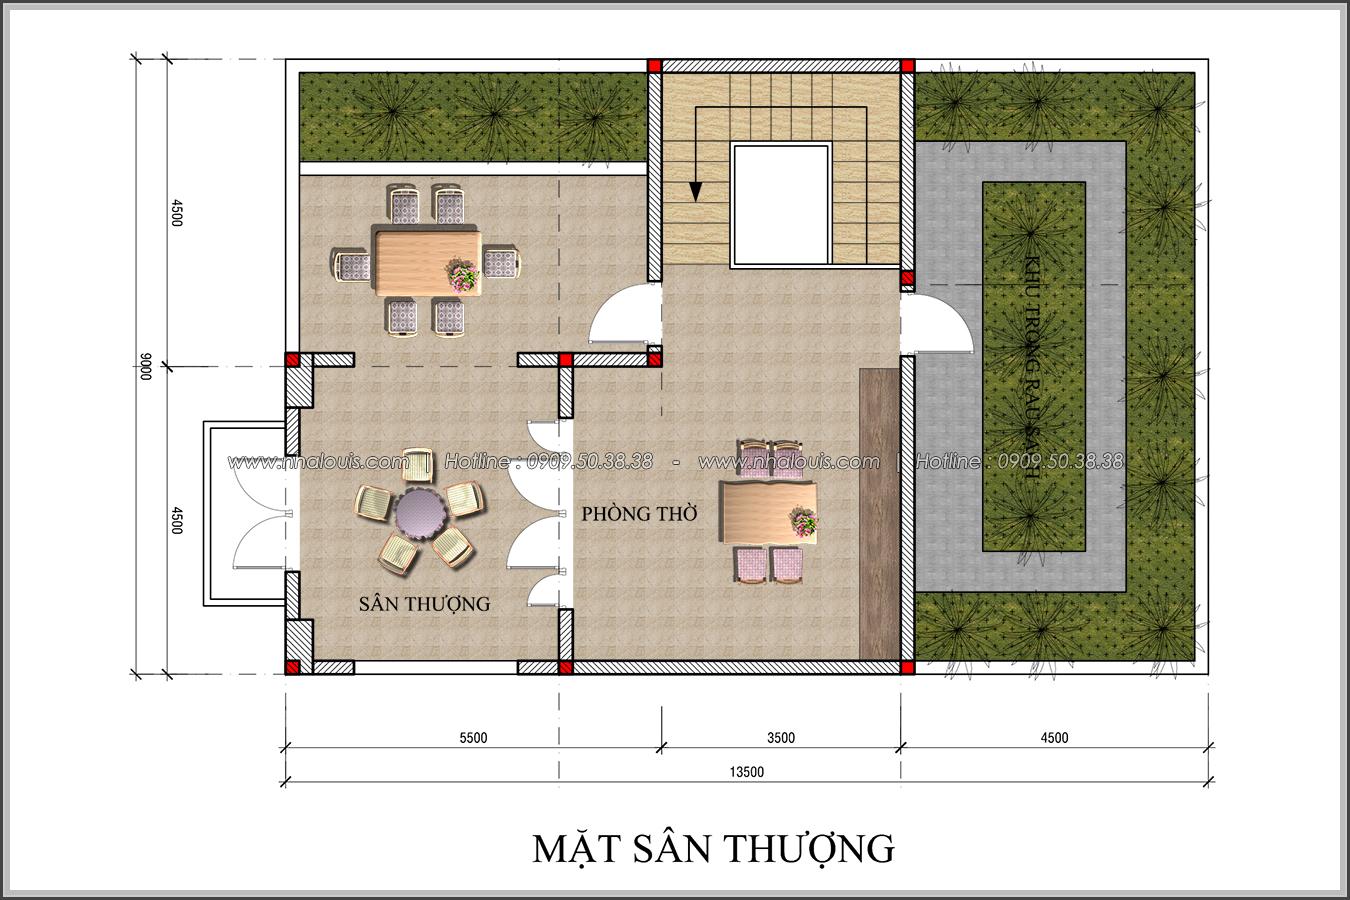 Thiết kế biệt thự tân cổ điển tại Đồng Nai nổi bật trên đường phố tấp nập - 06